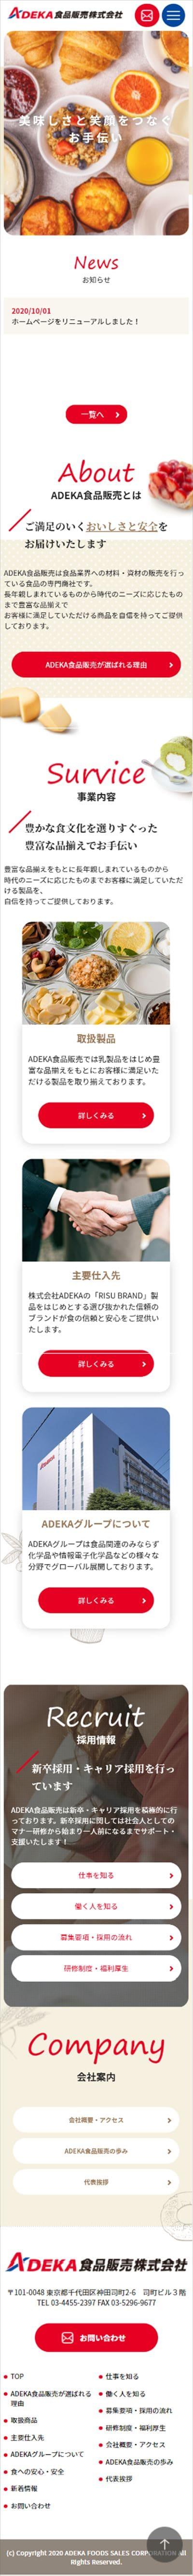 ADEKA食品販売株式会社